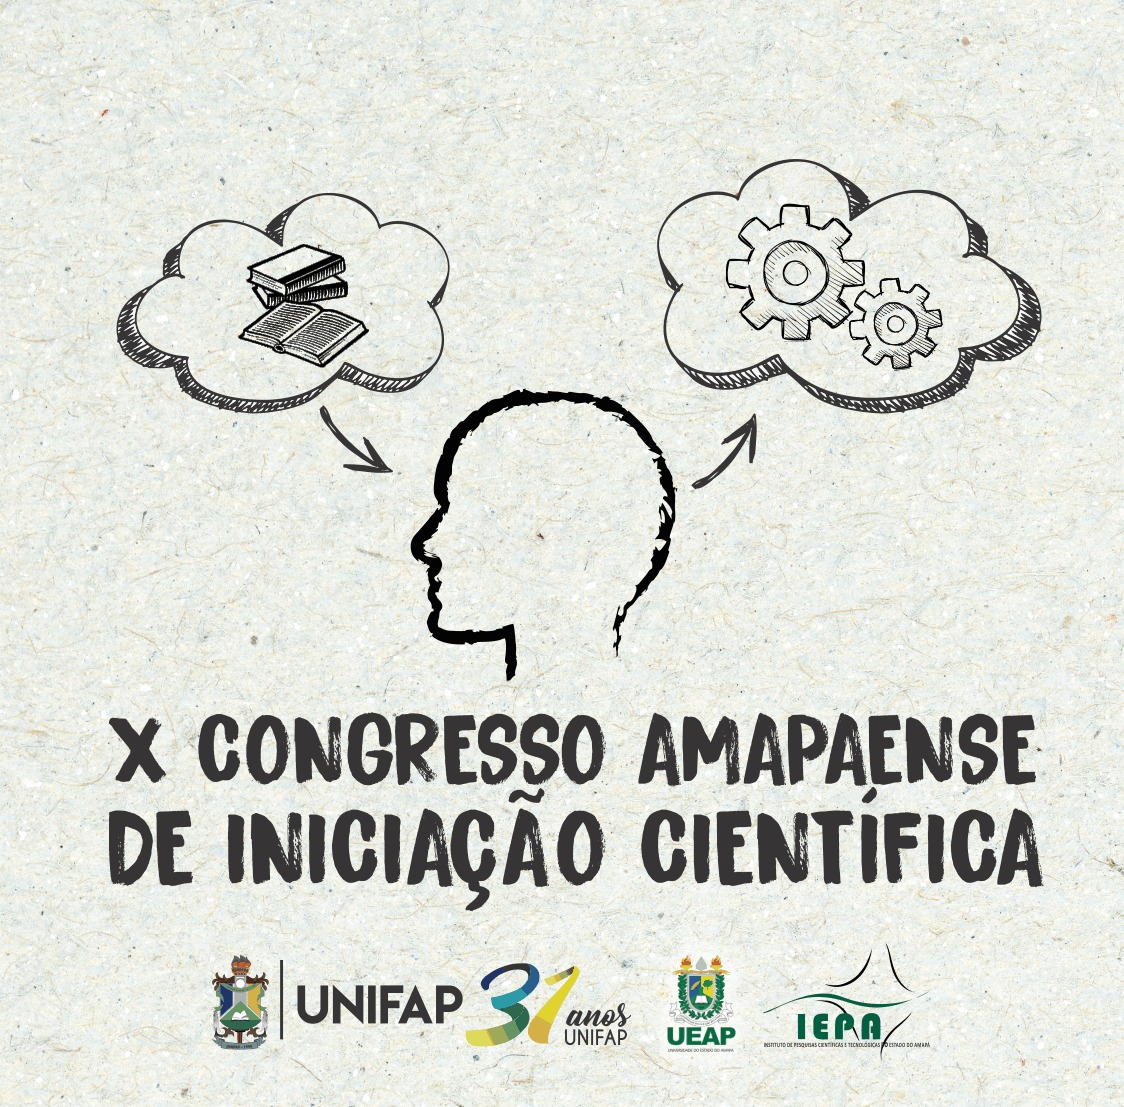 X Congresso Amapaense de Iniciação Científica